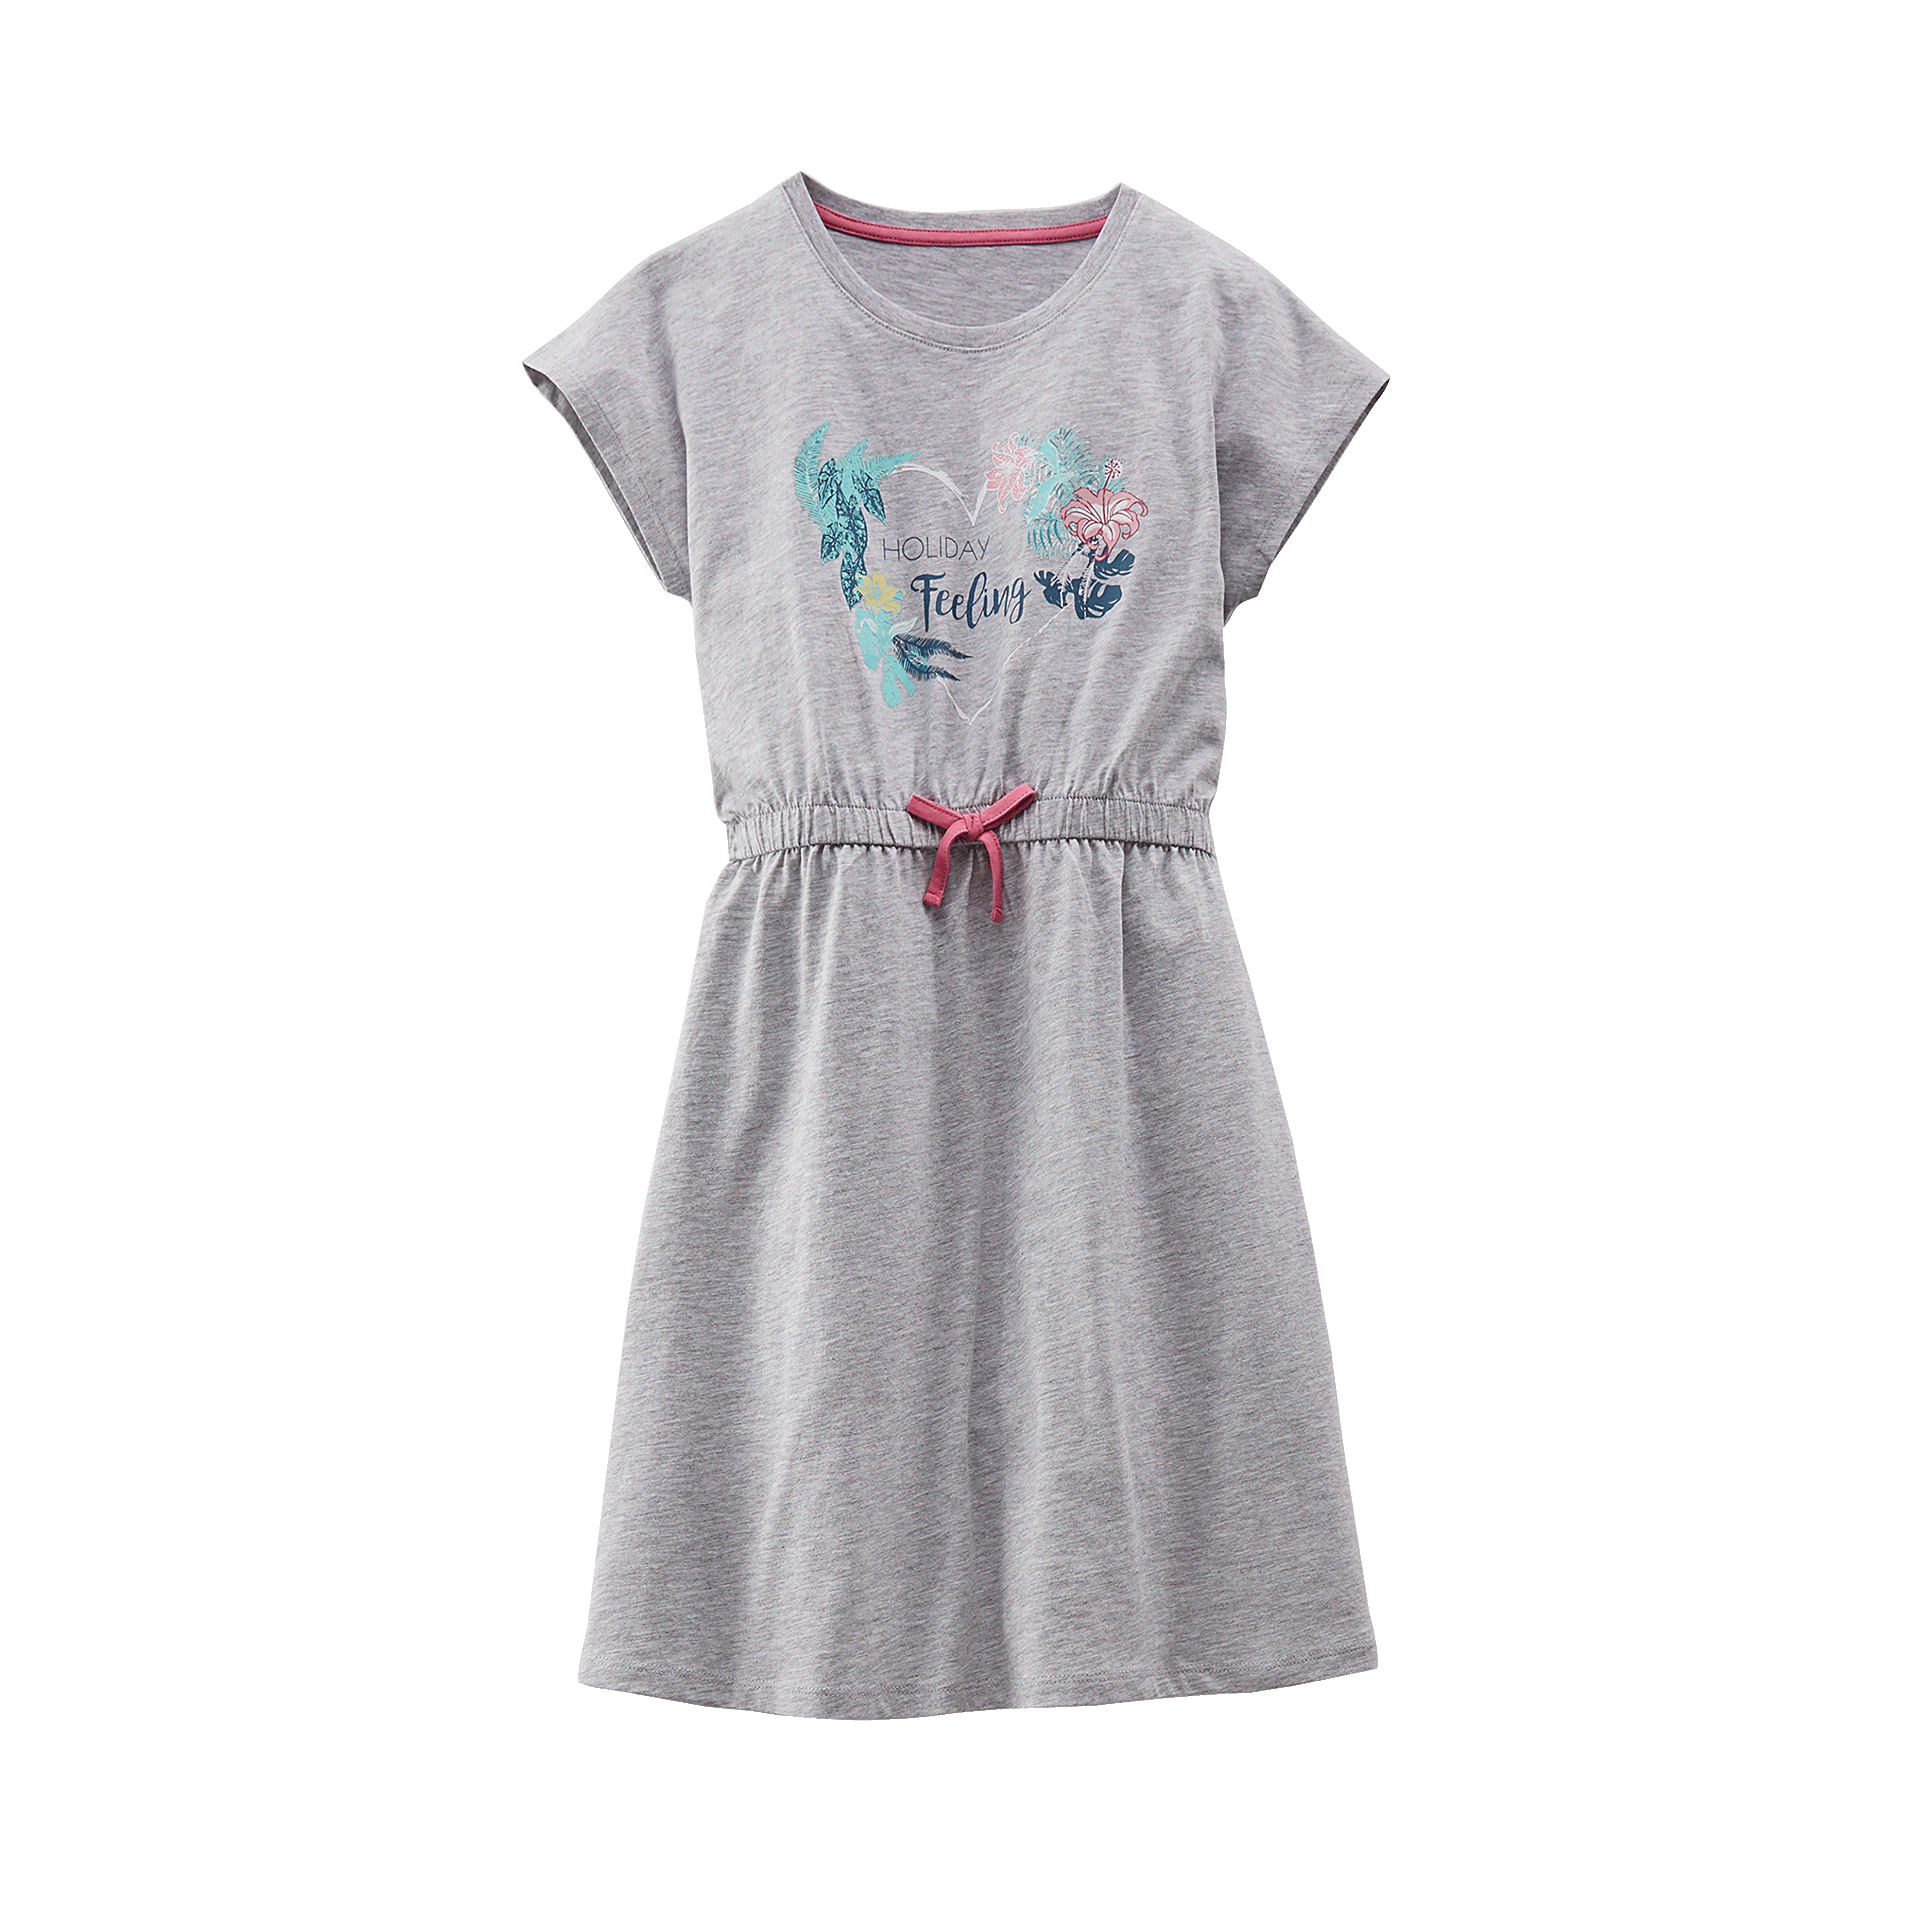 Moda w ALDI odzież damska, męska i dziecięca dostępna w